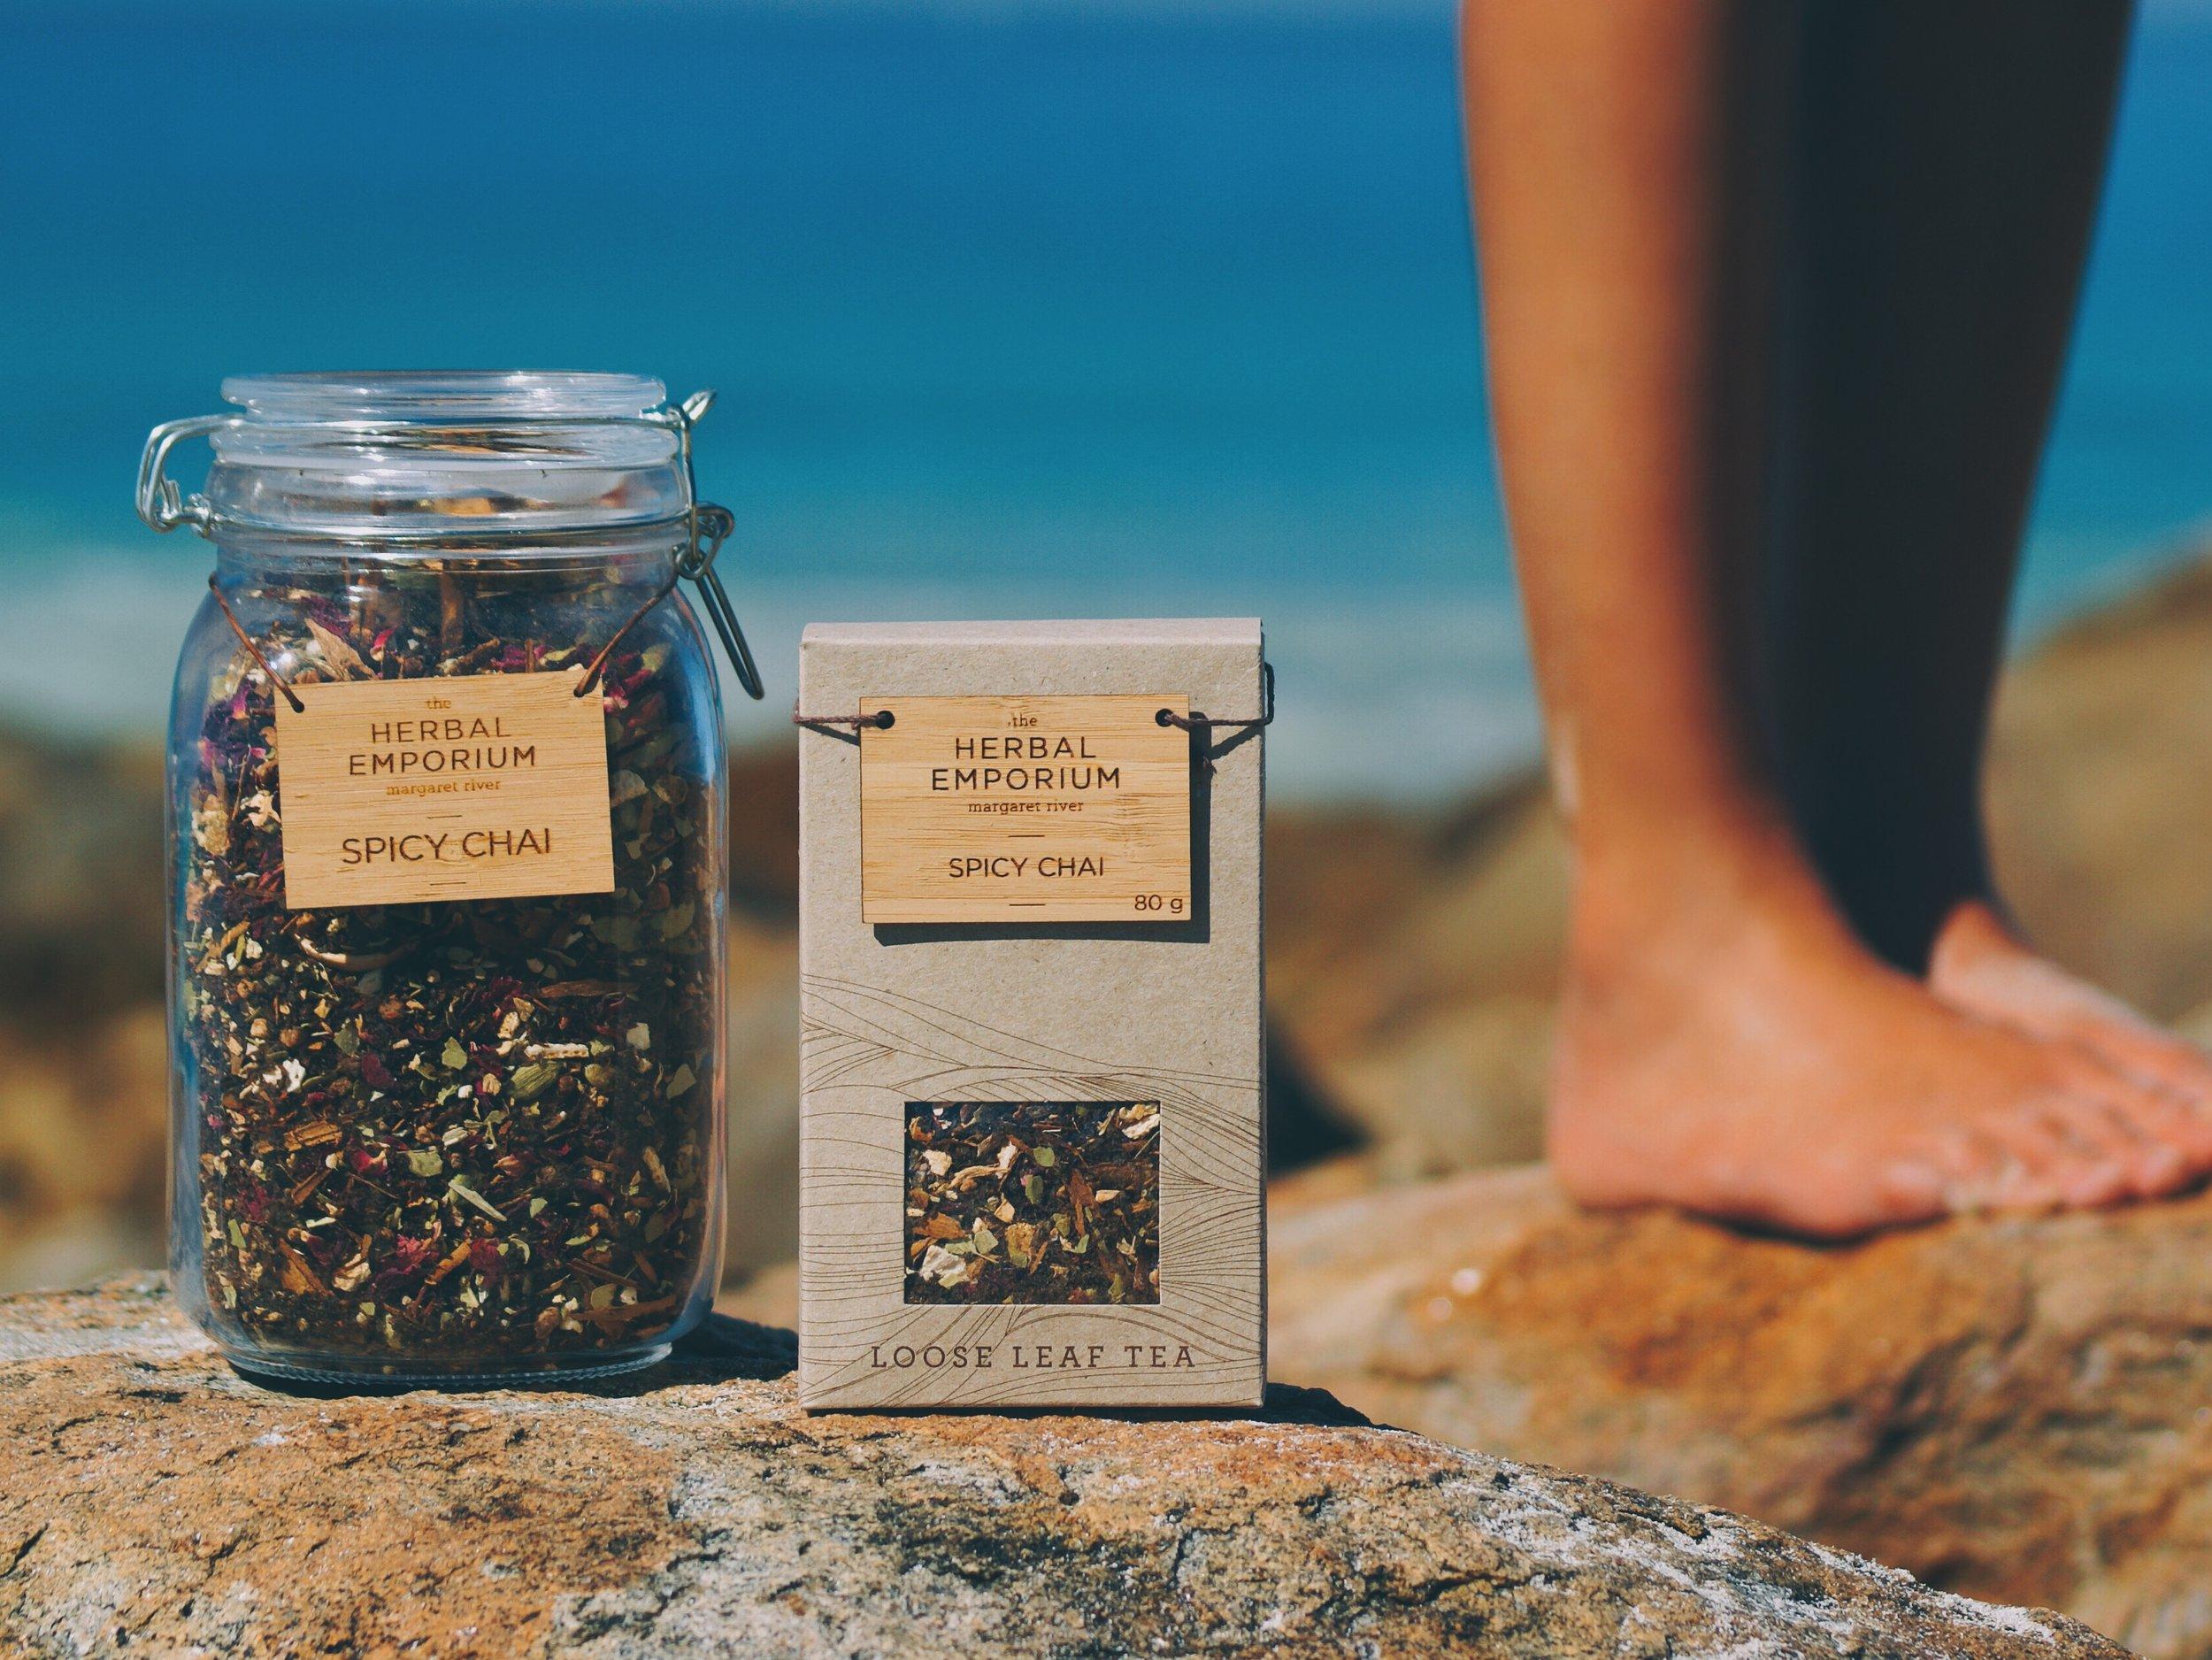 margaret river herbal emporium / custom image and postcard gourmet escape